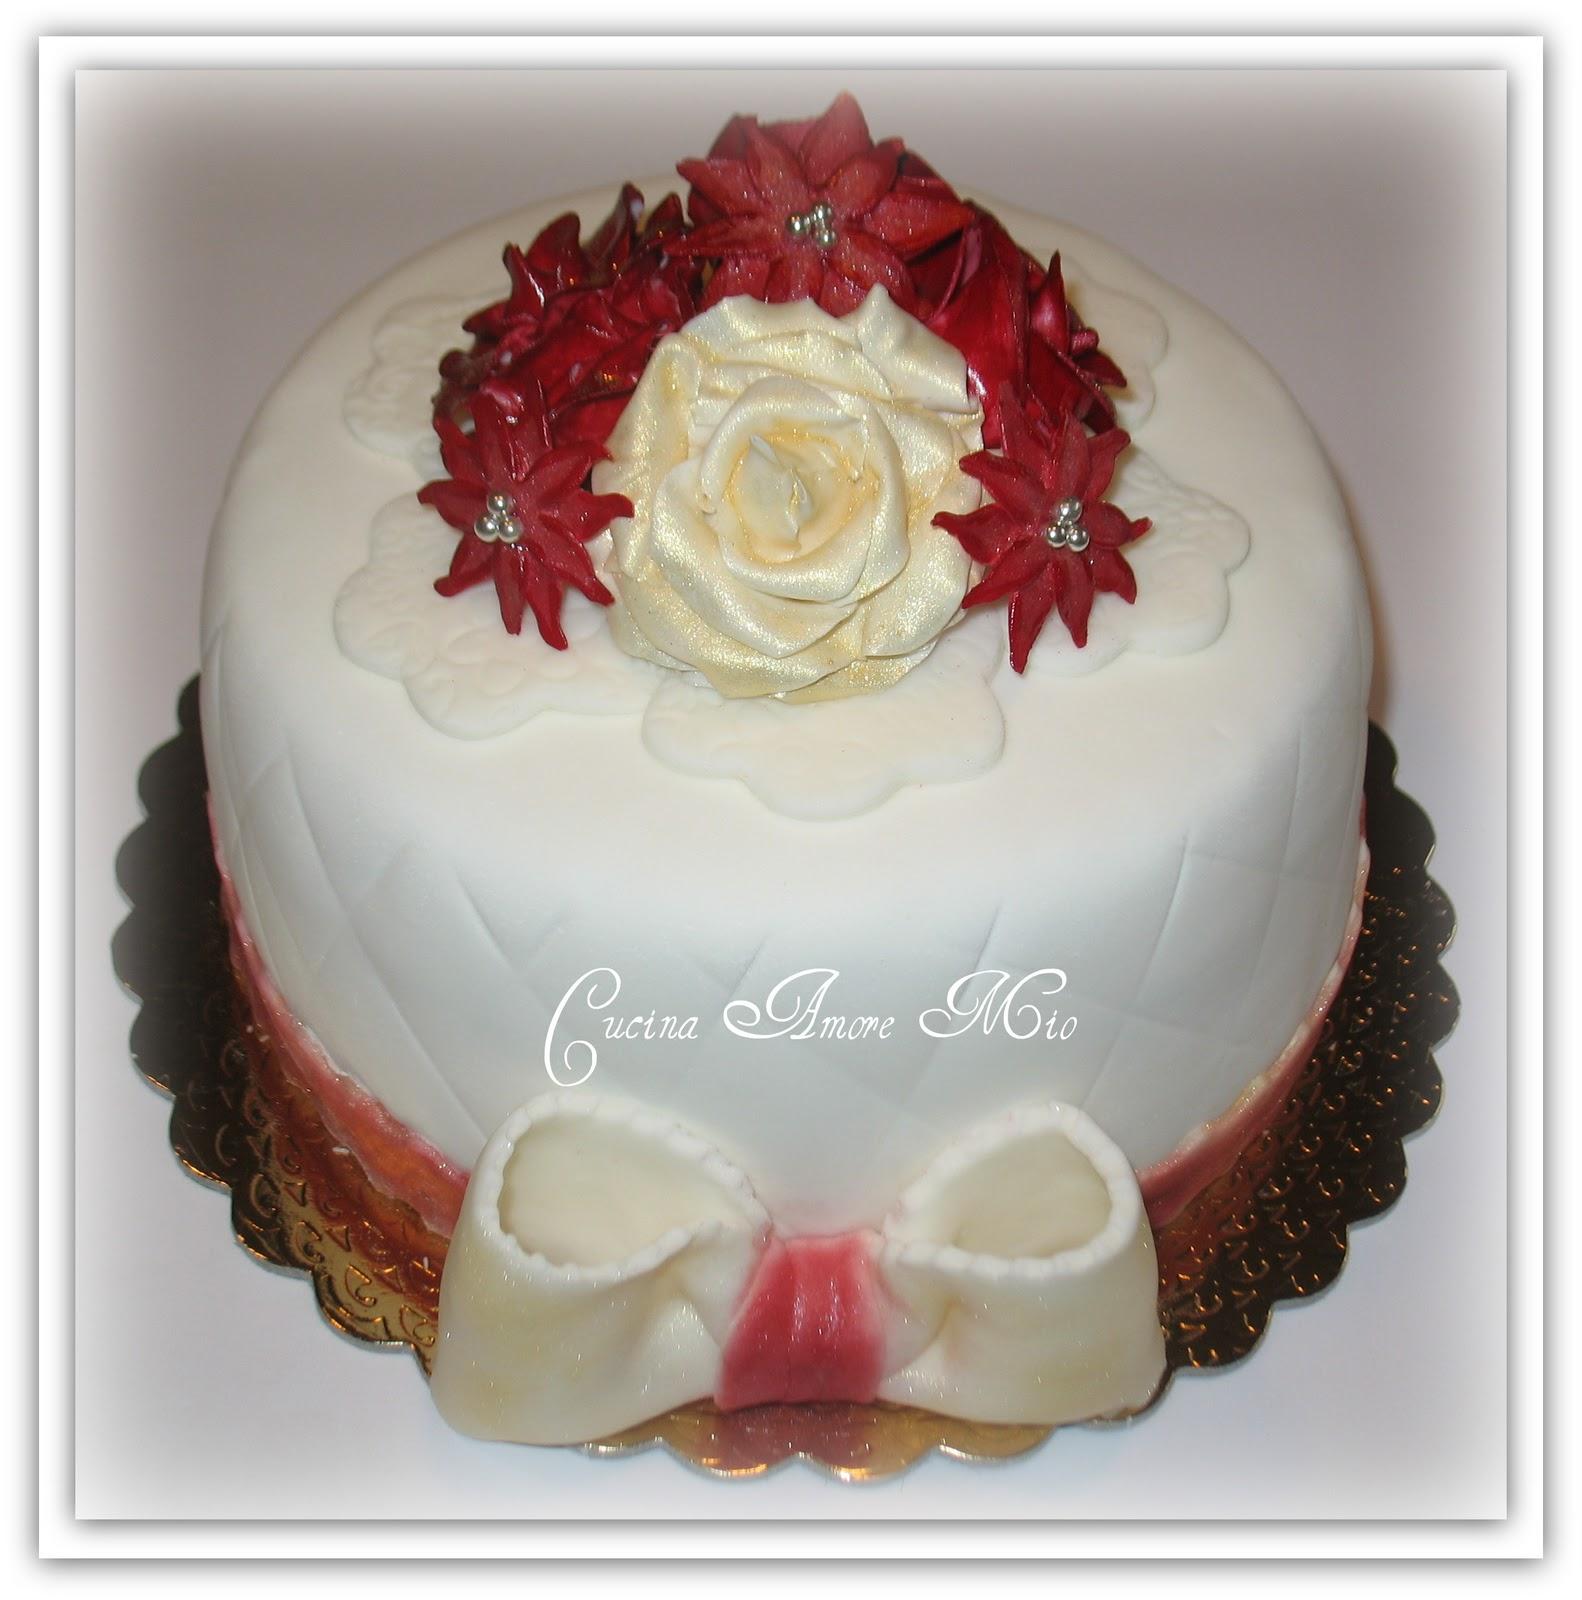 Conosciuto Lara Costantini Cake Designer: TORTA DI COMPLEANNO PER LA NONNA  HI78